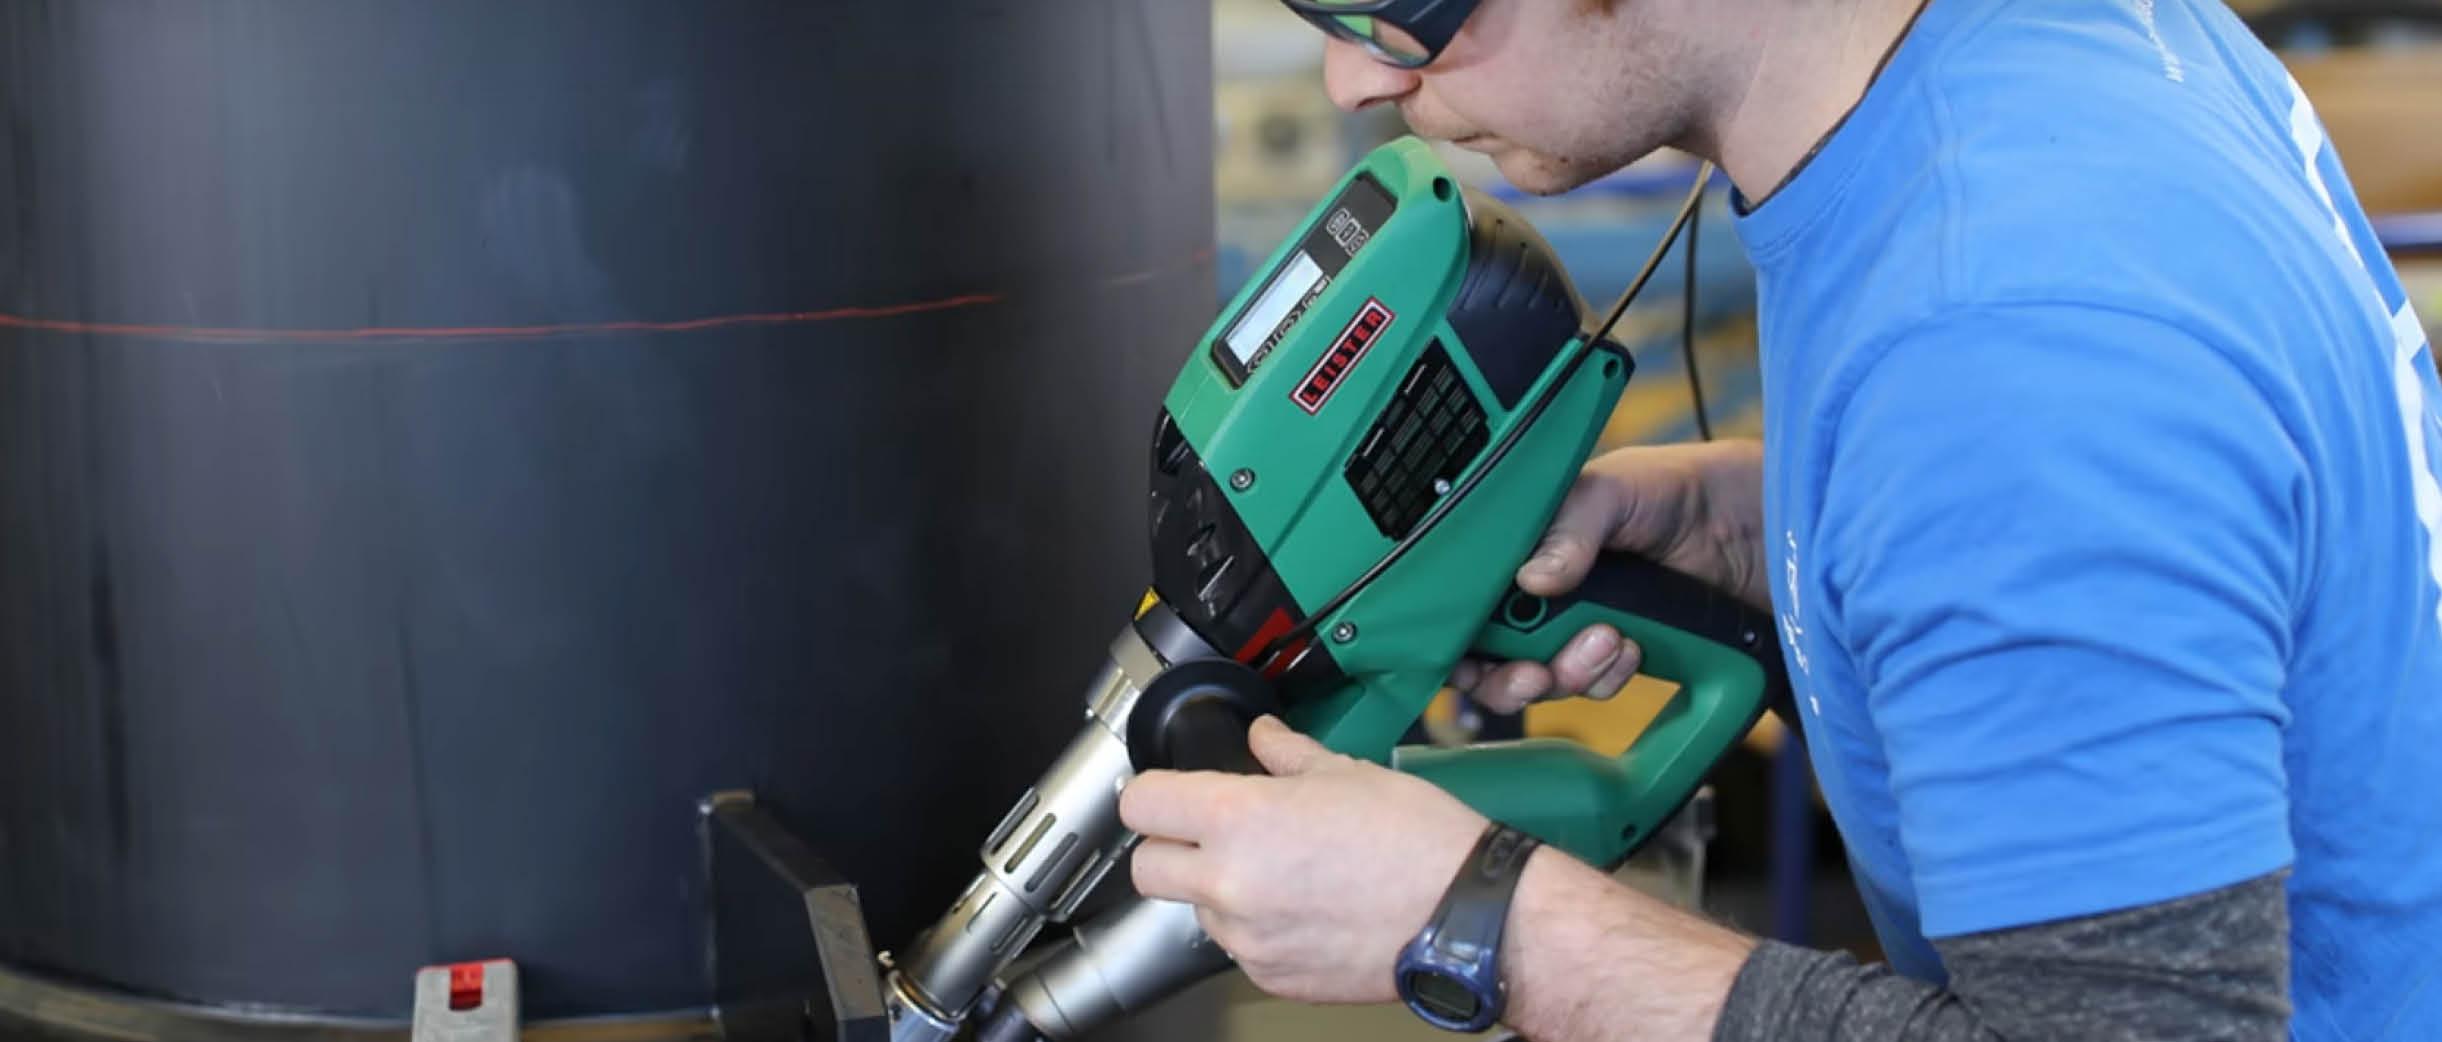 Leister-australia-plastic-welding-tools-1